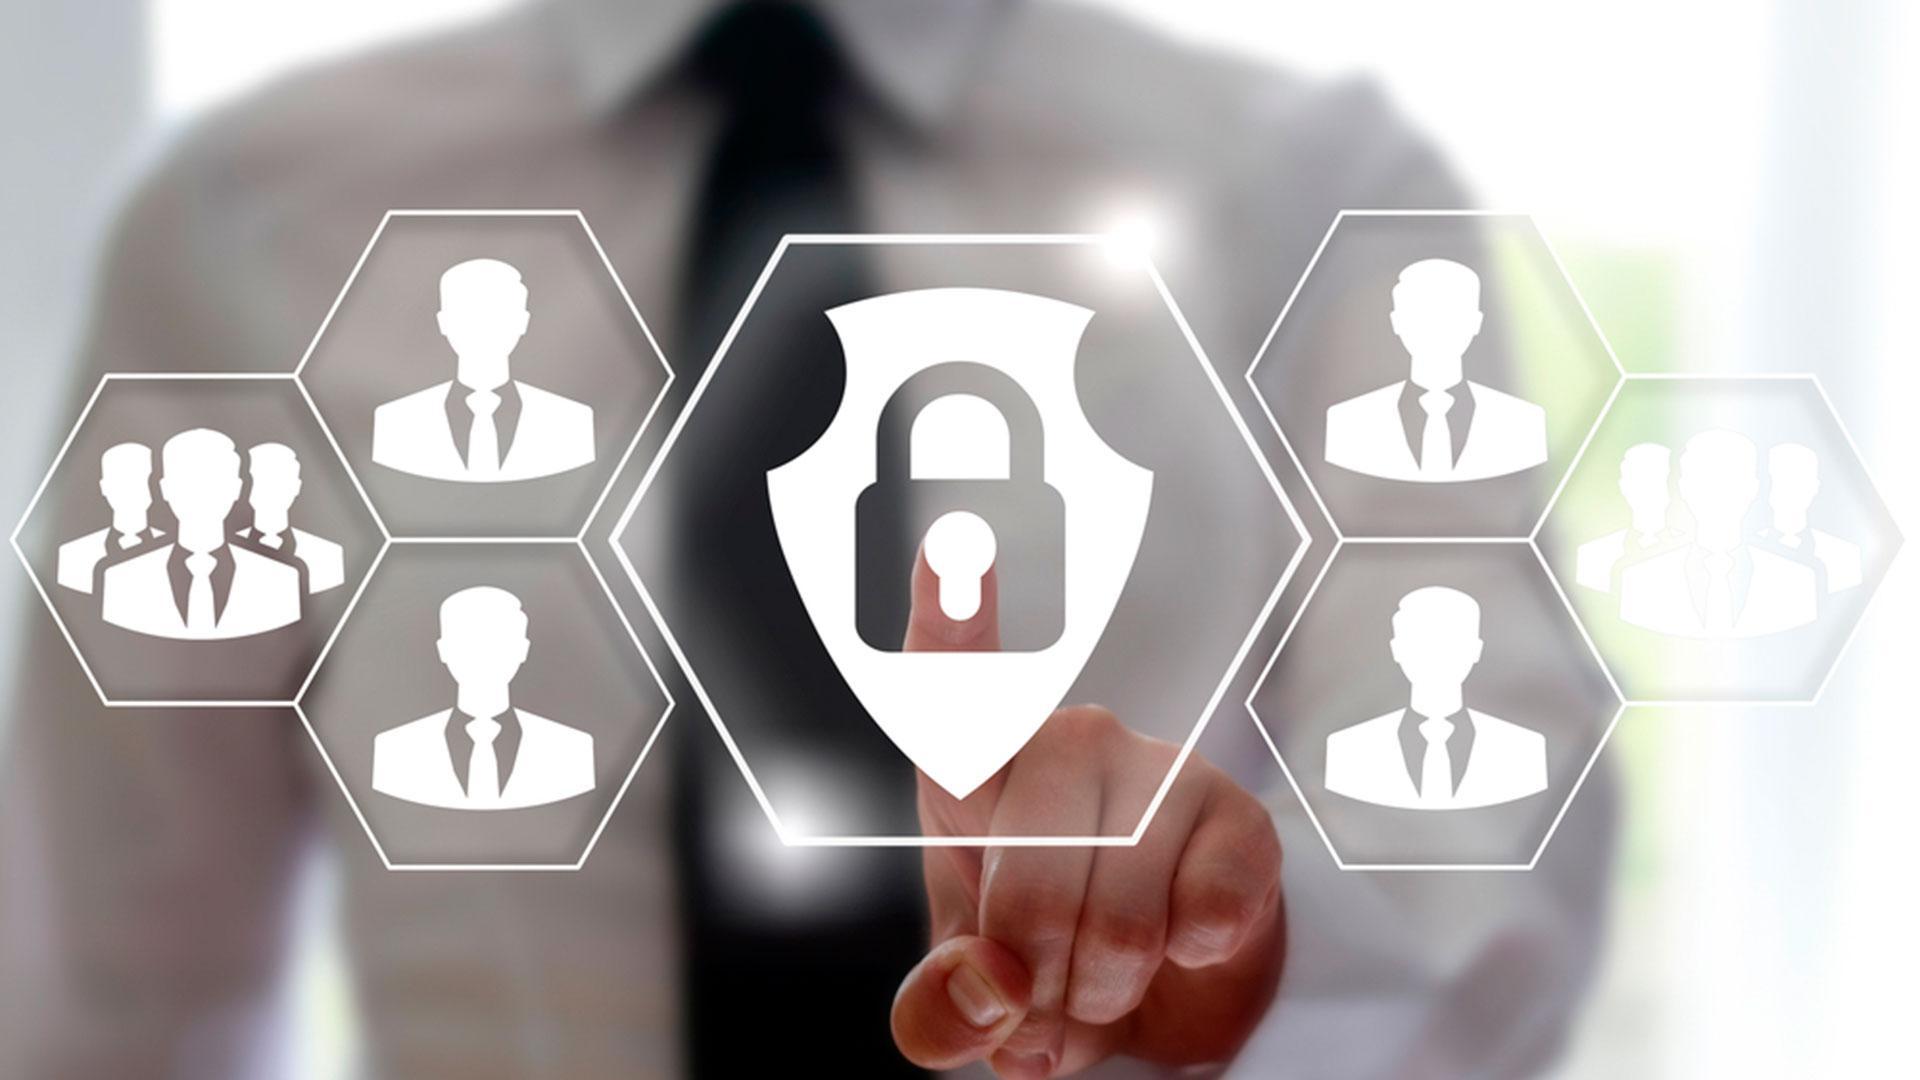 Νέο Πρόγραμμα επαγγελματικής εξειδίκευσης για συμβούλους GDPR ή/και DPO (Data Protection Officer)!